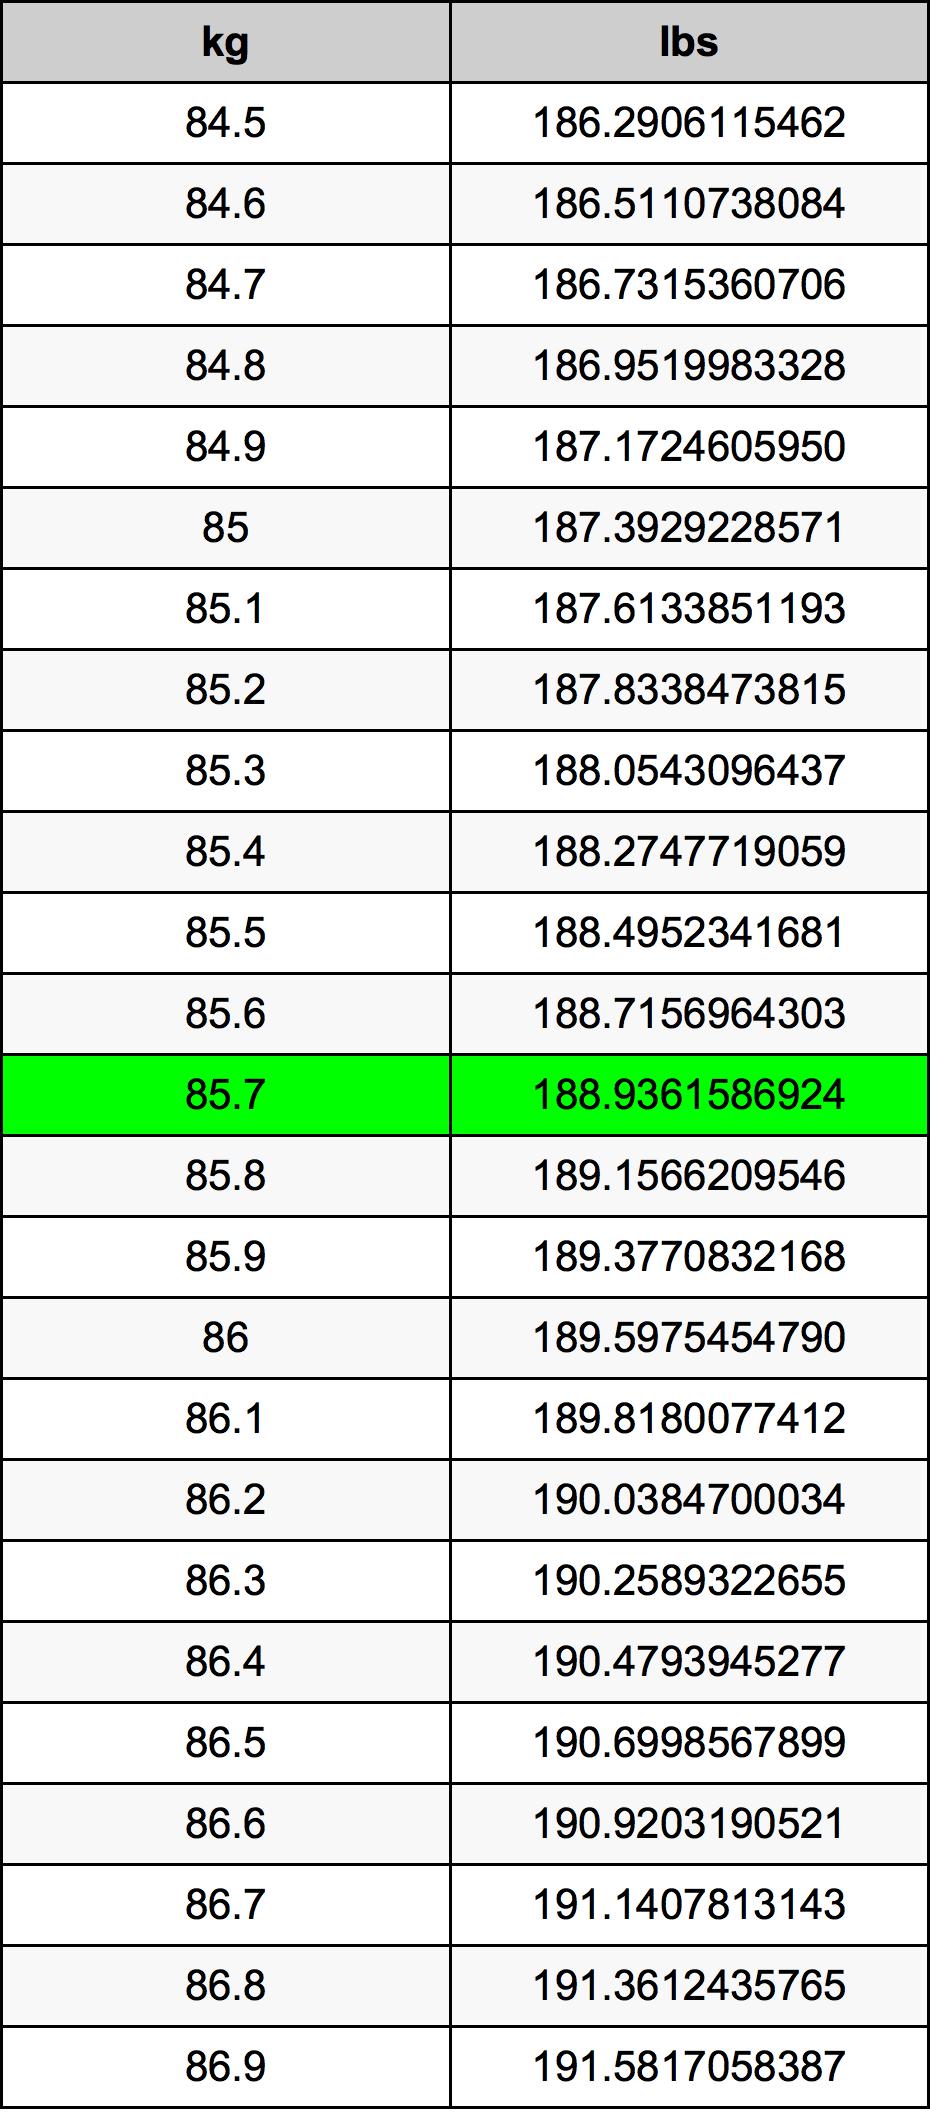 85.7 Kilogramme table de conversion